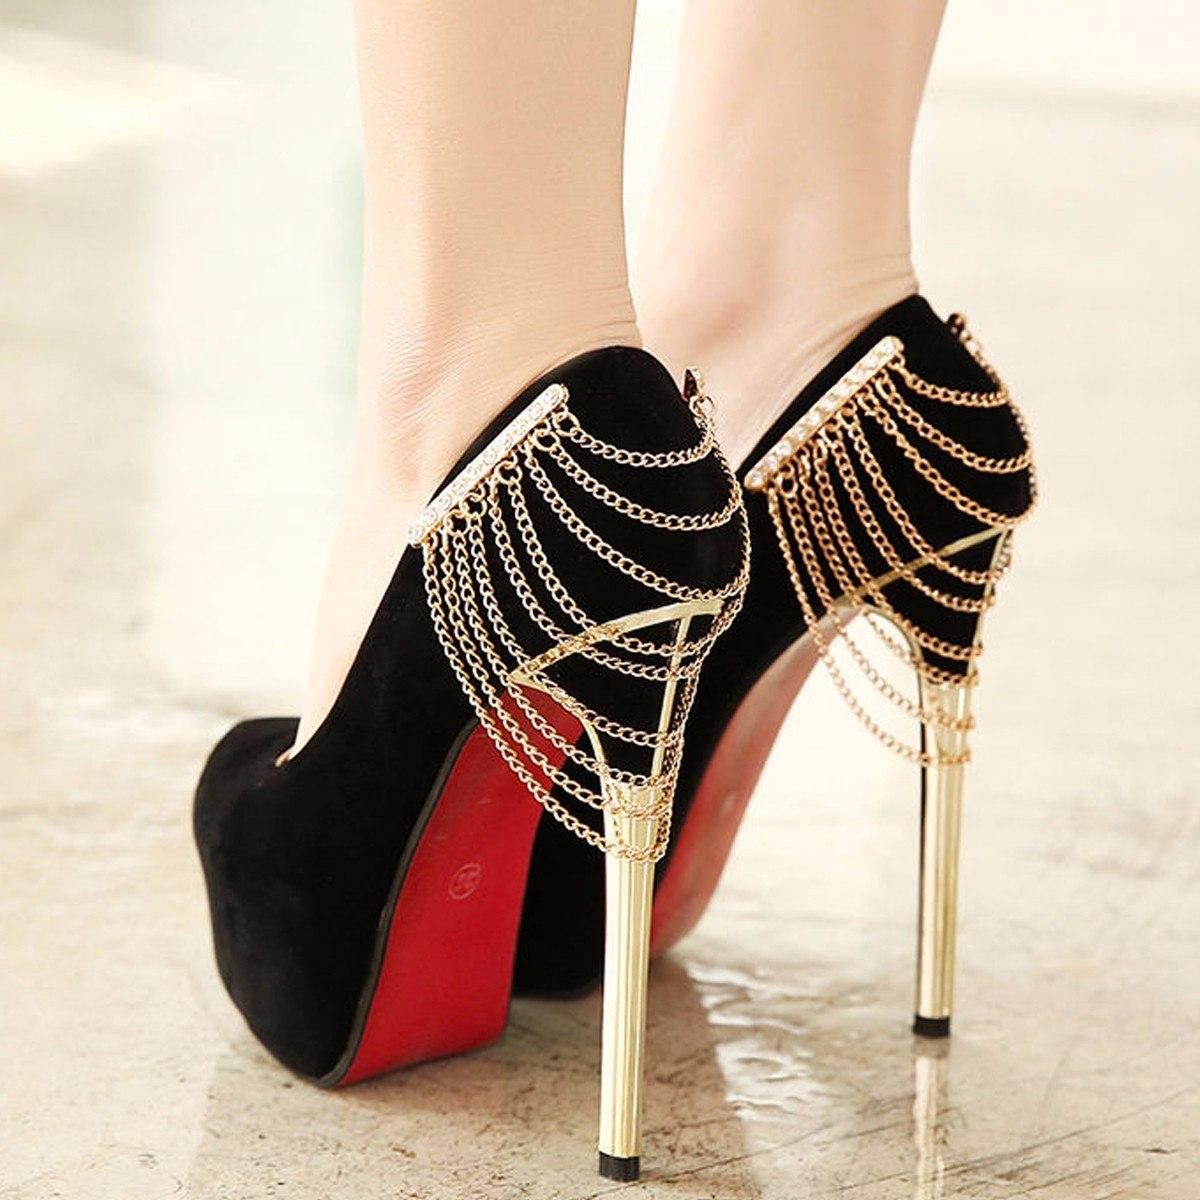 f03d11958 Carregando zoom... lindo sapato feminino salto alto scarpin preto vermelho  top